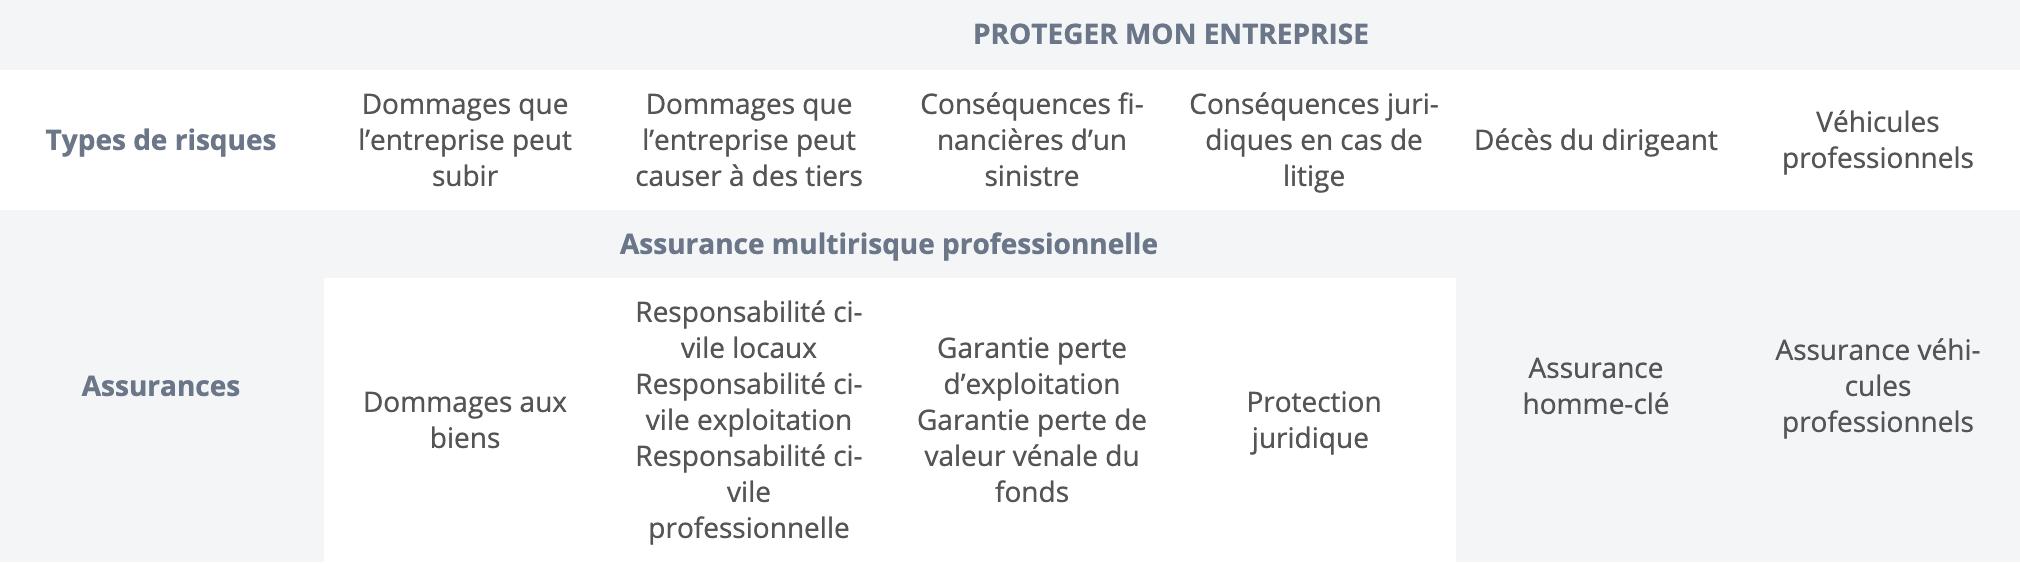 Tableau sur les types de risques et assurances